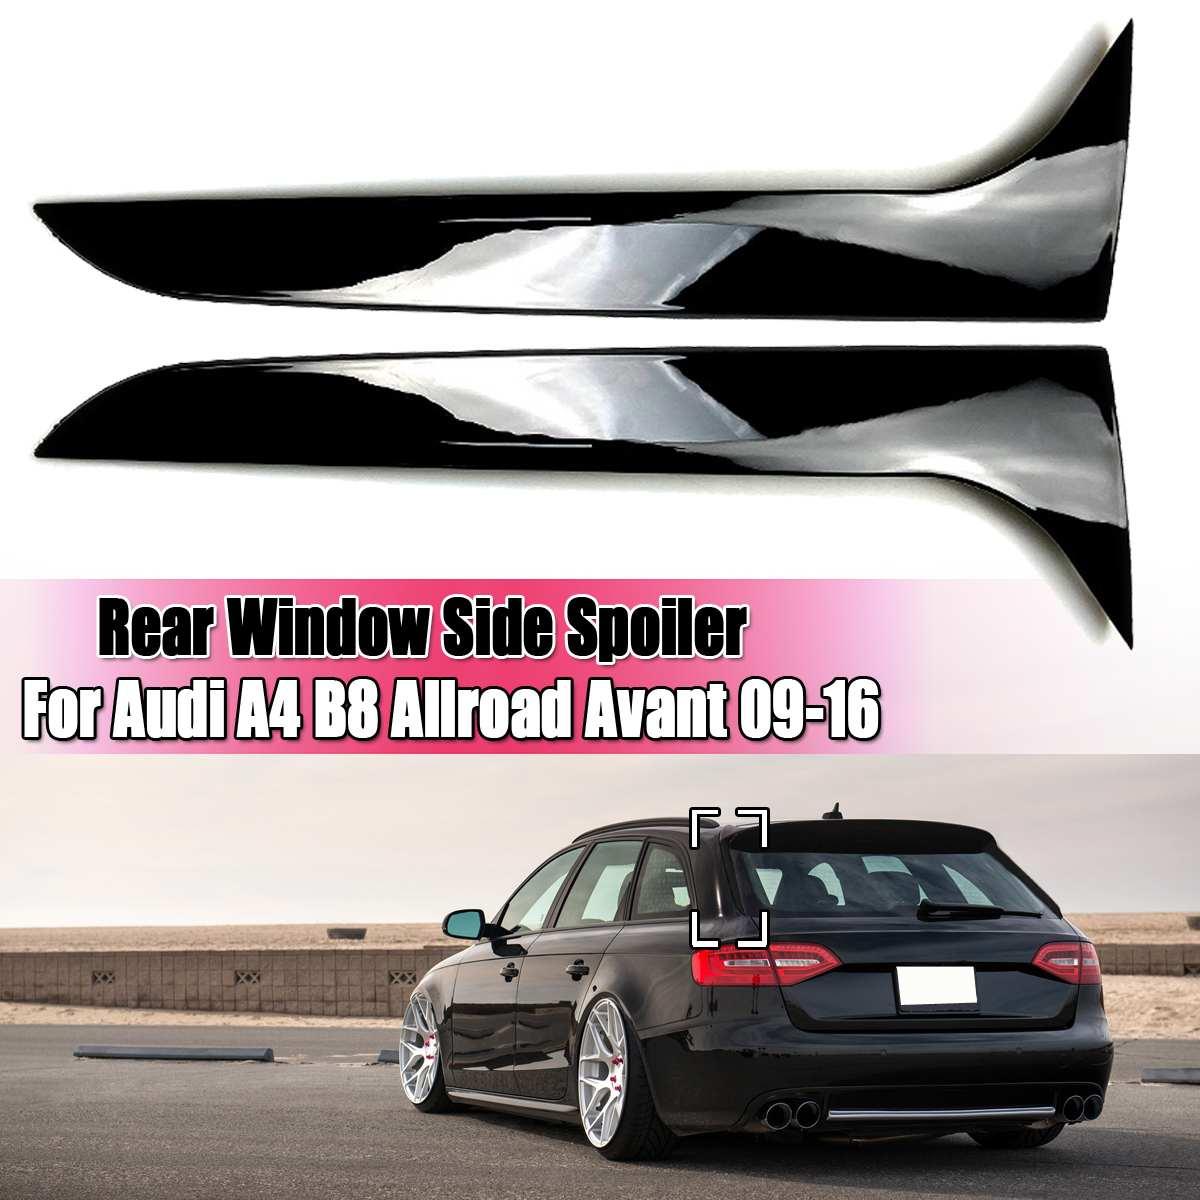 Gloss preto janela traseira lateral spoiler asa para audi a4 b8 allroad avant 2009 2010 2011 2012-2016 carro-estilo acessórios de automóveis